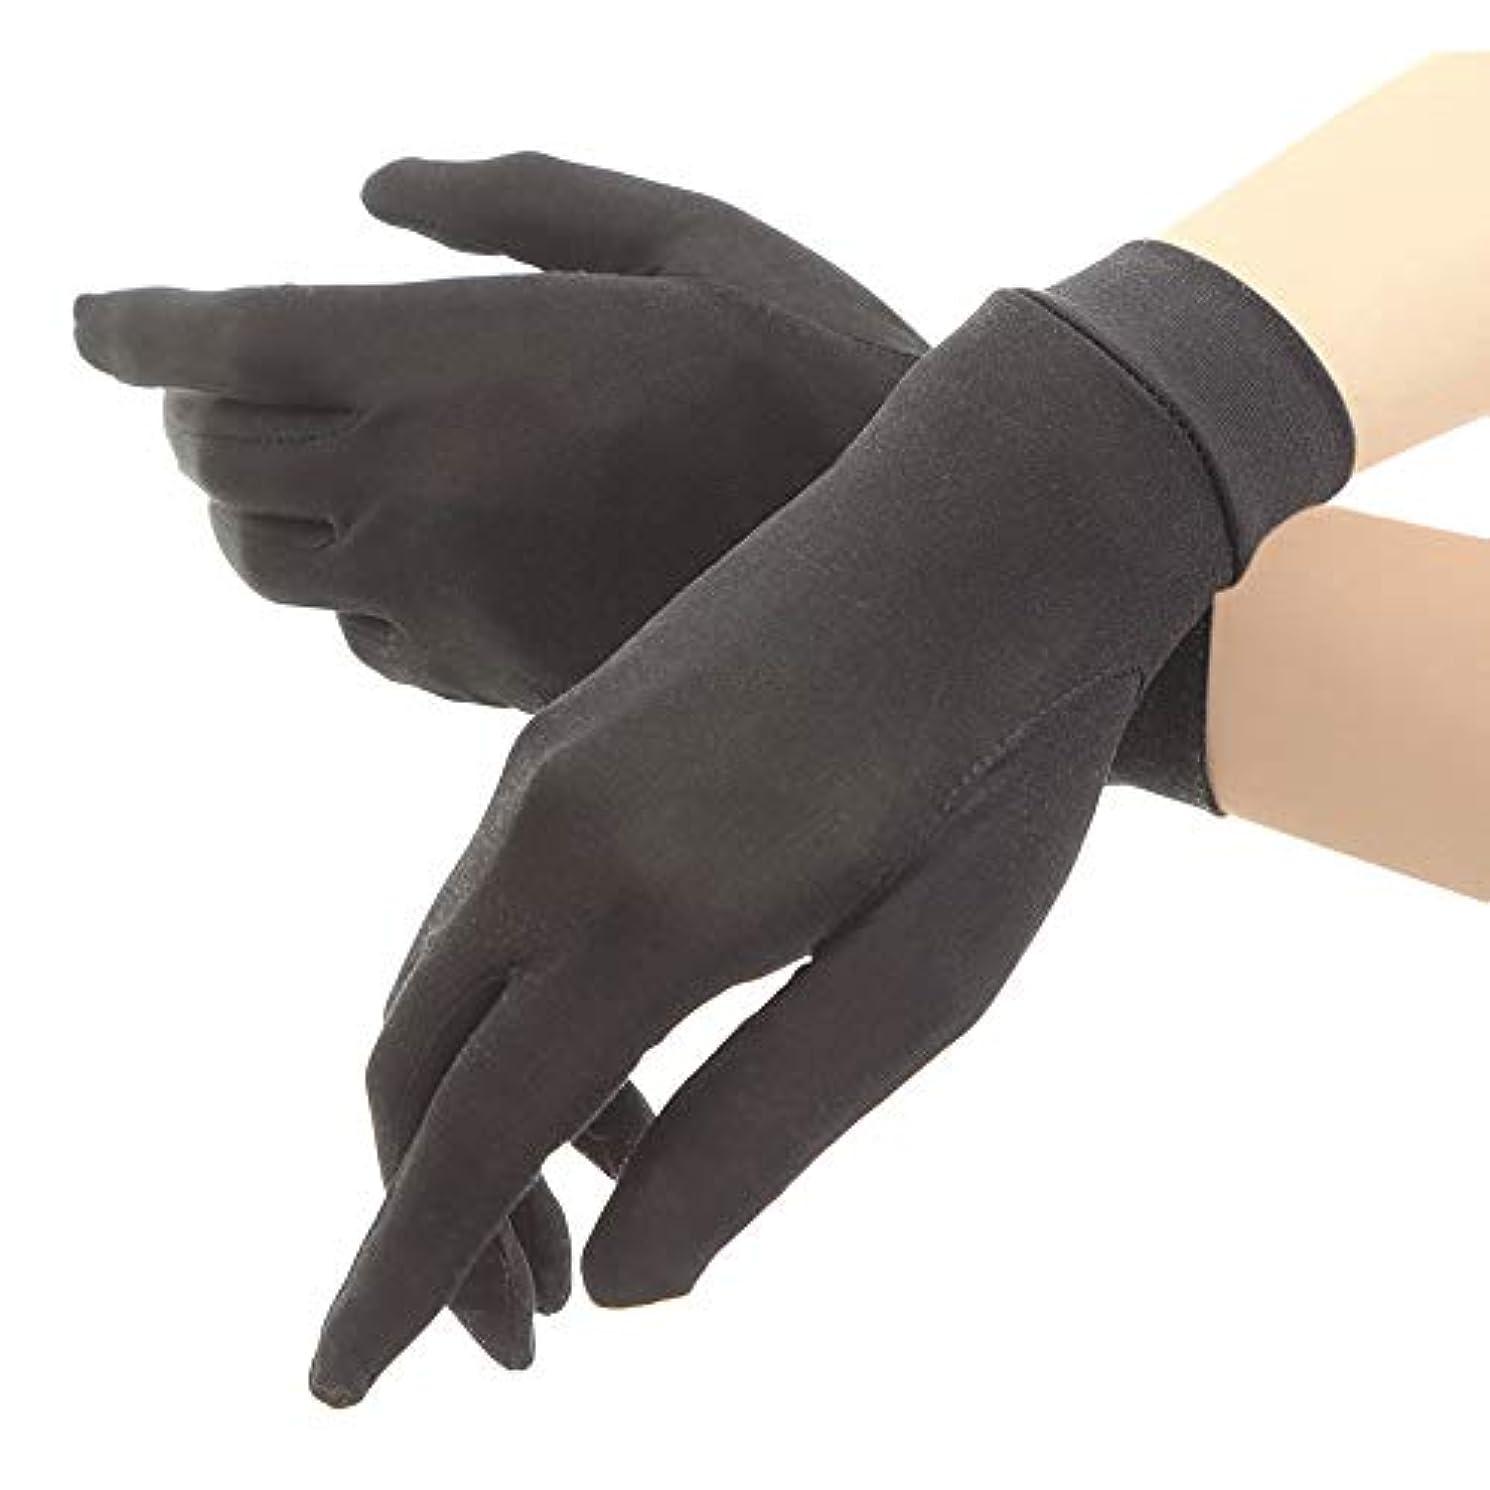 任命質量異常なシルク手袋 レディース 手袋 シルク 絹 ハンド ケア 保湿 紫外線 肌荒れ 乾燥 サイズアップで手指にマッチ 【macch】